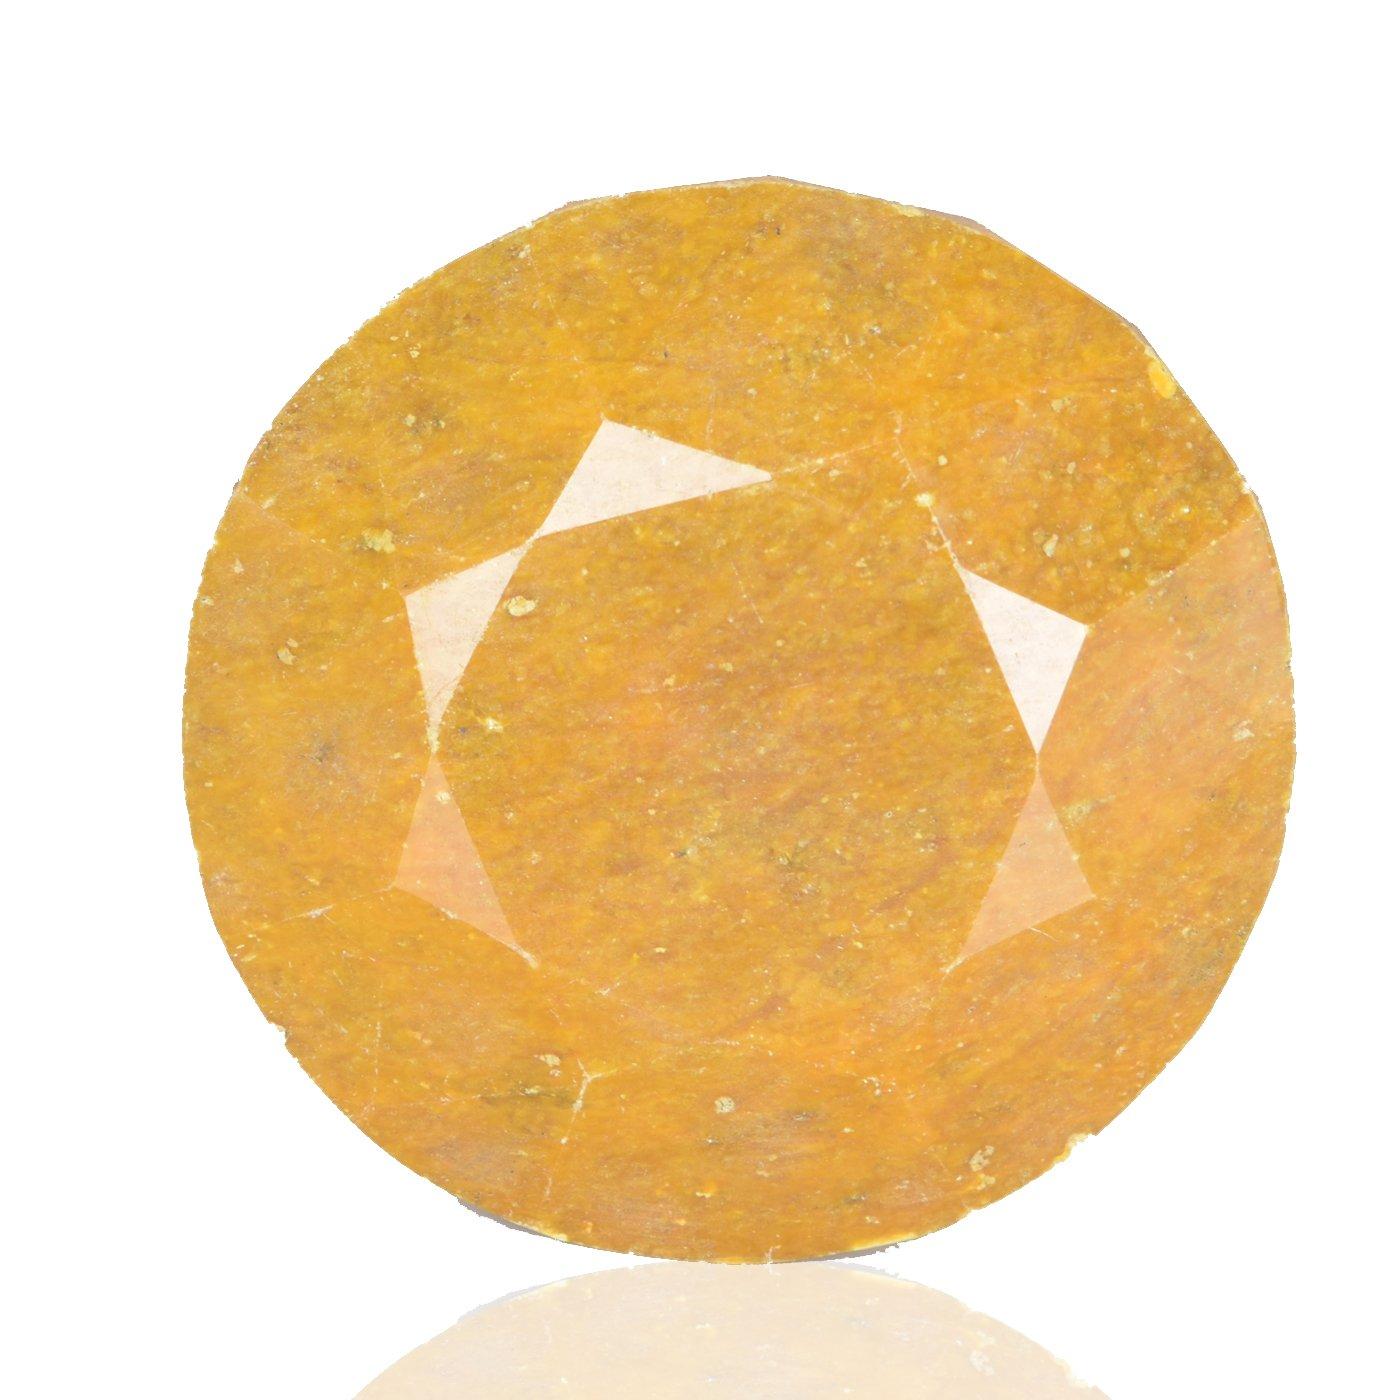 イエローサファイアPear Shape Hugeサイズ天然マダガスカル2523 CT。Loose宝石   B076SHBX22